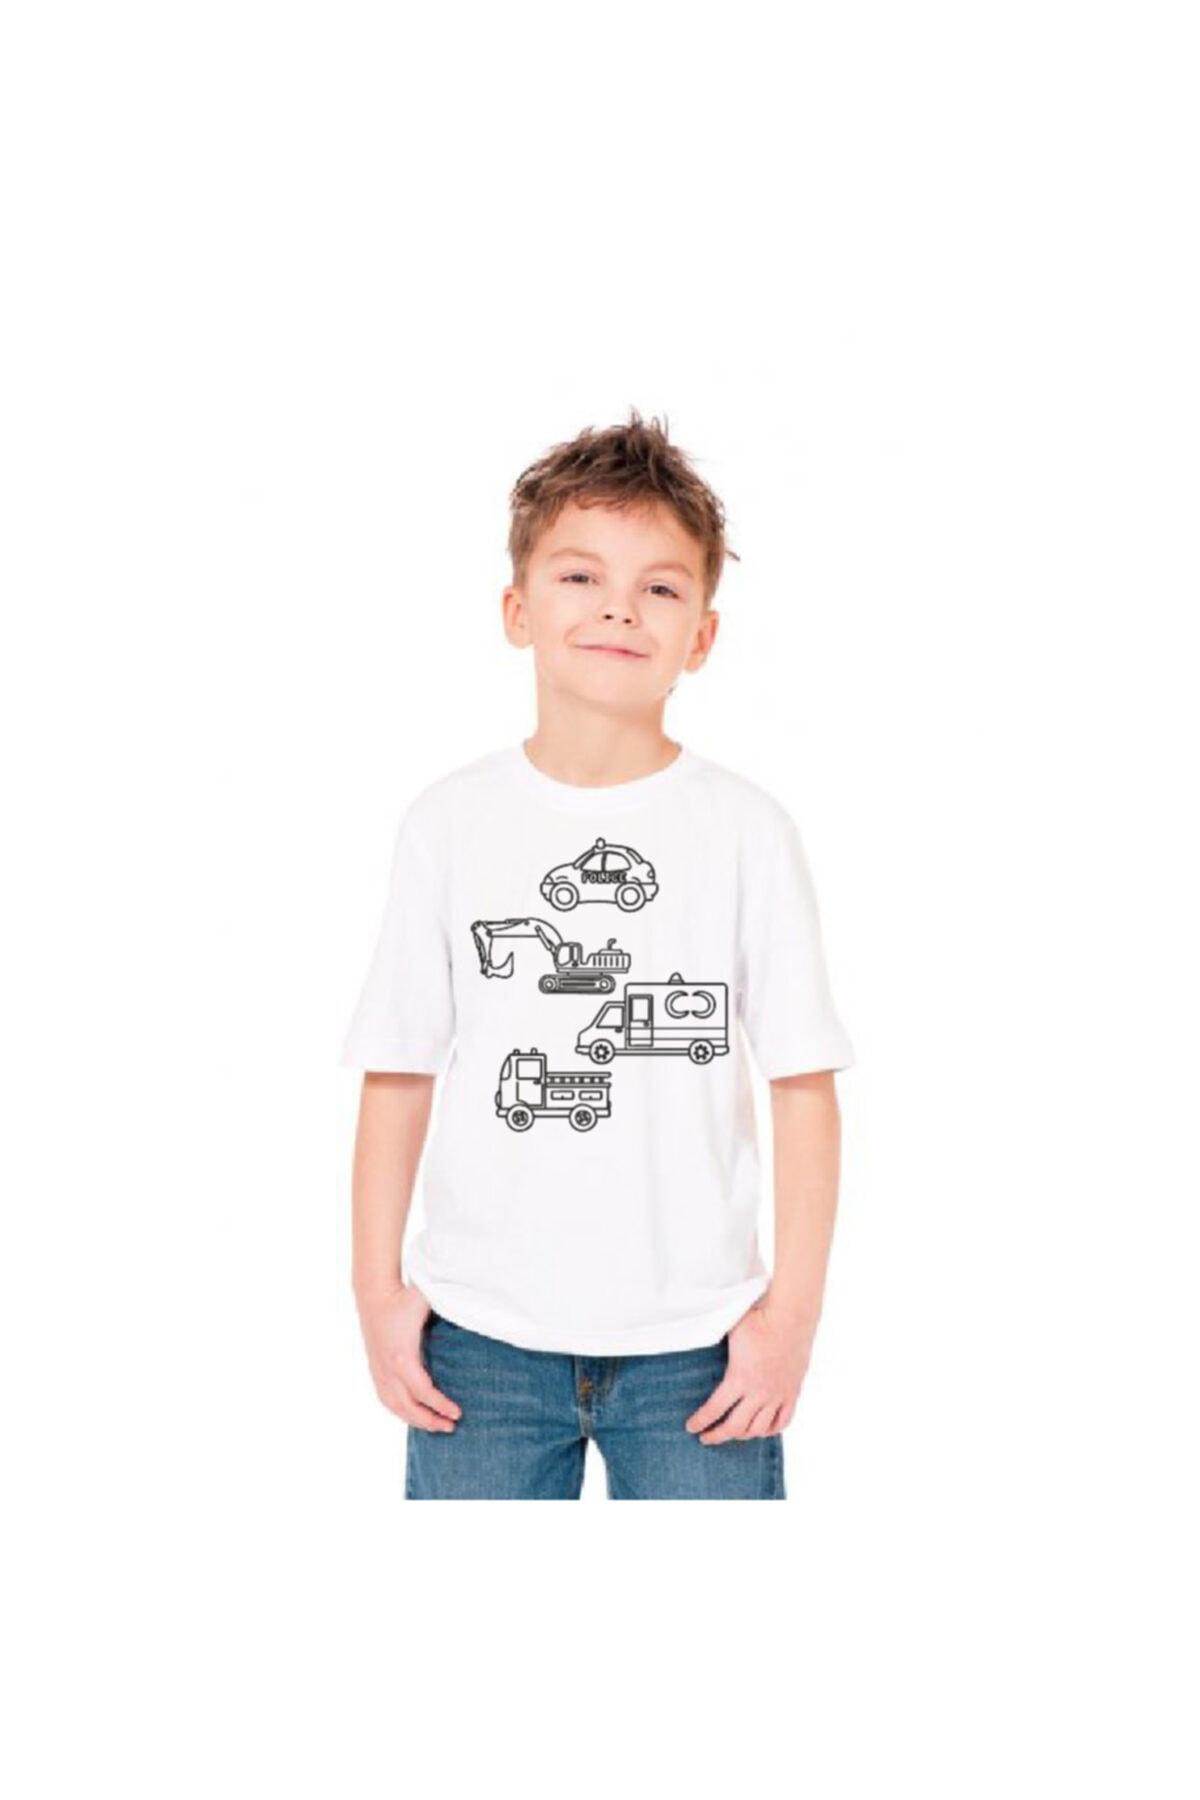 paint-wear Araçlar Boyama T-shirt 9-11 Yaş 2